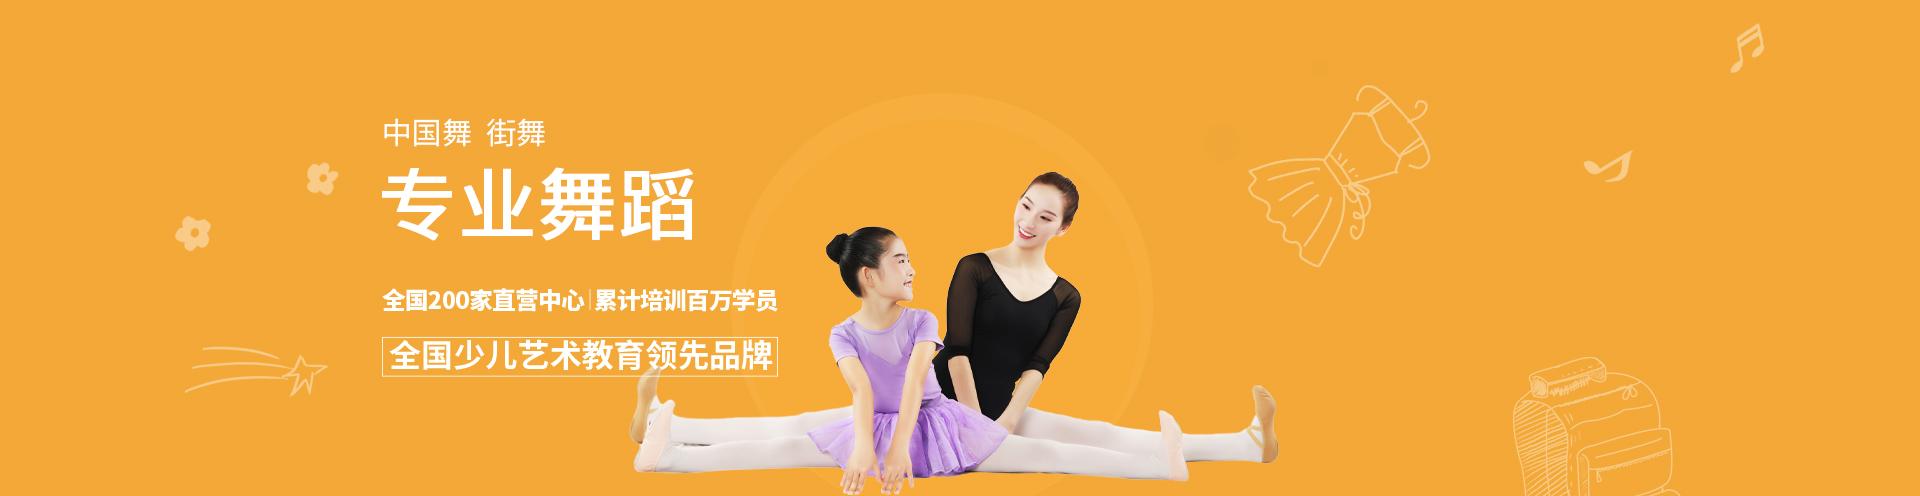 宁波艺朝艺夕少儿舞蹈